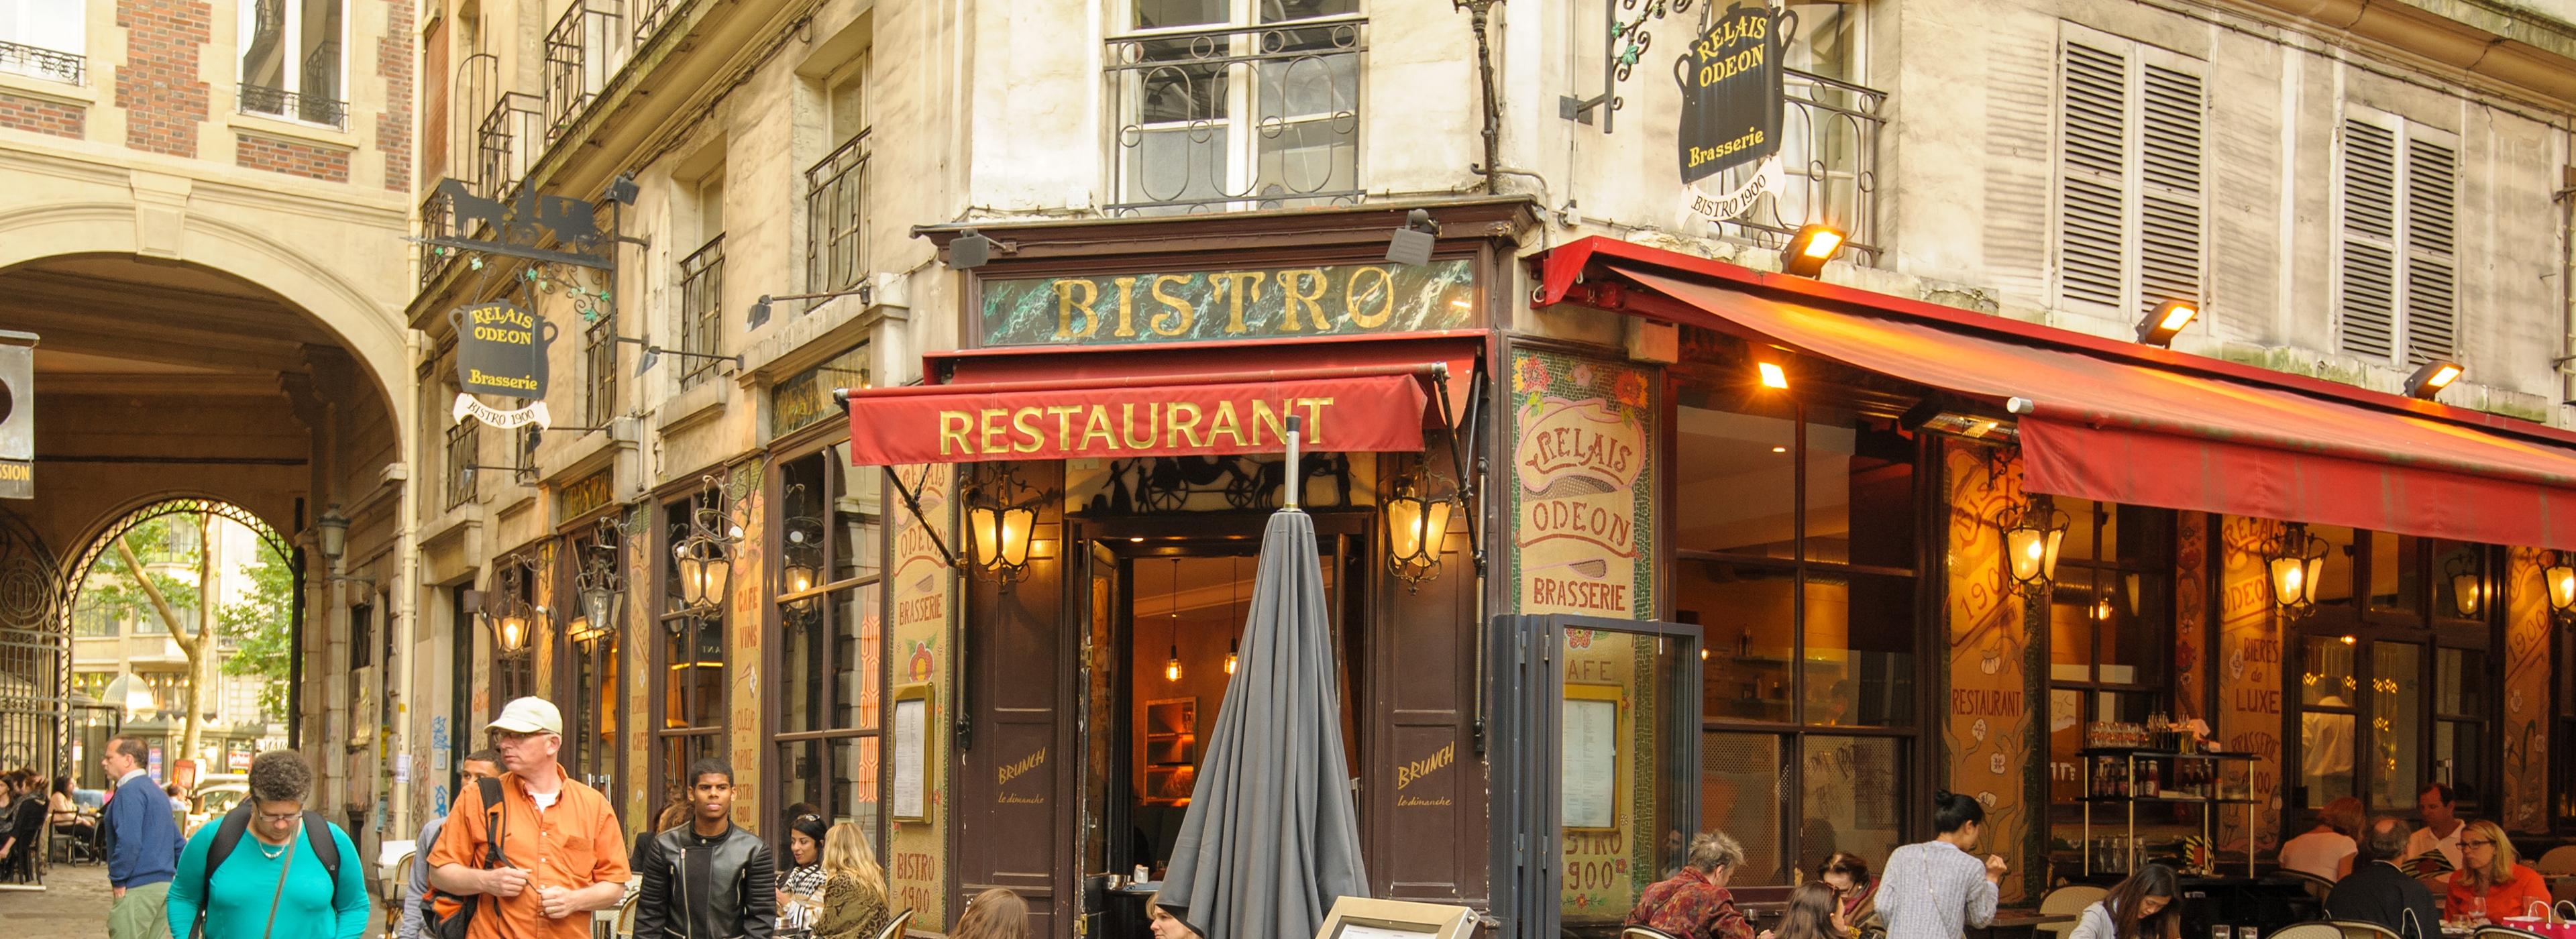 Paseo gourmet en St germain des prés Paris